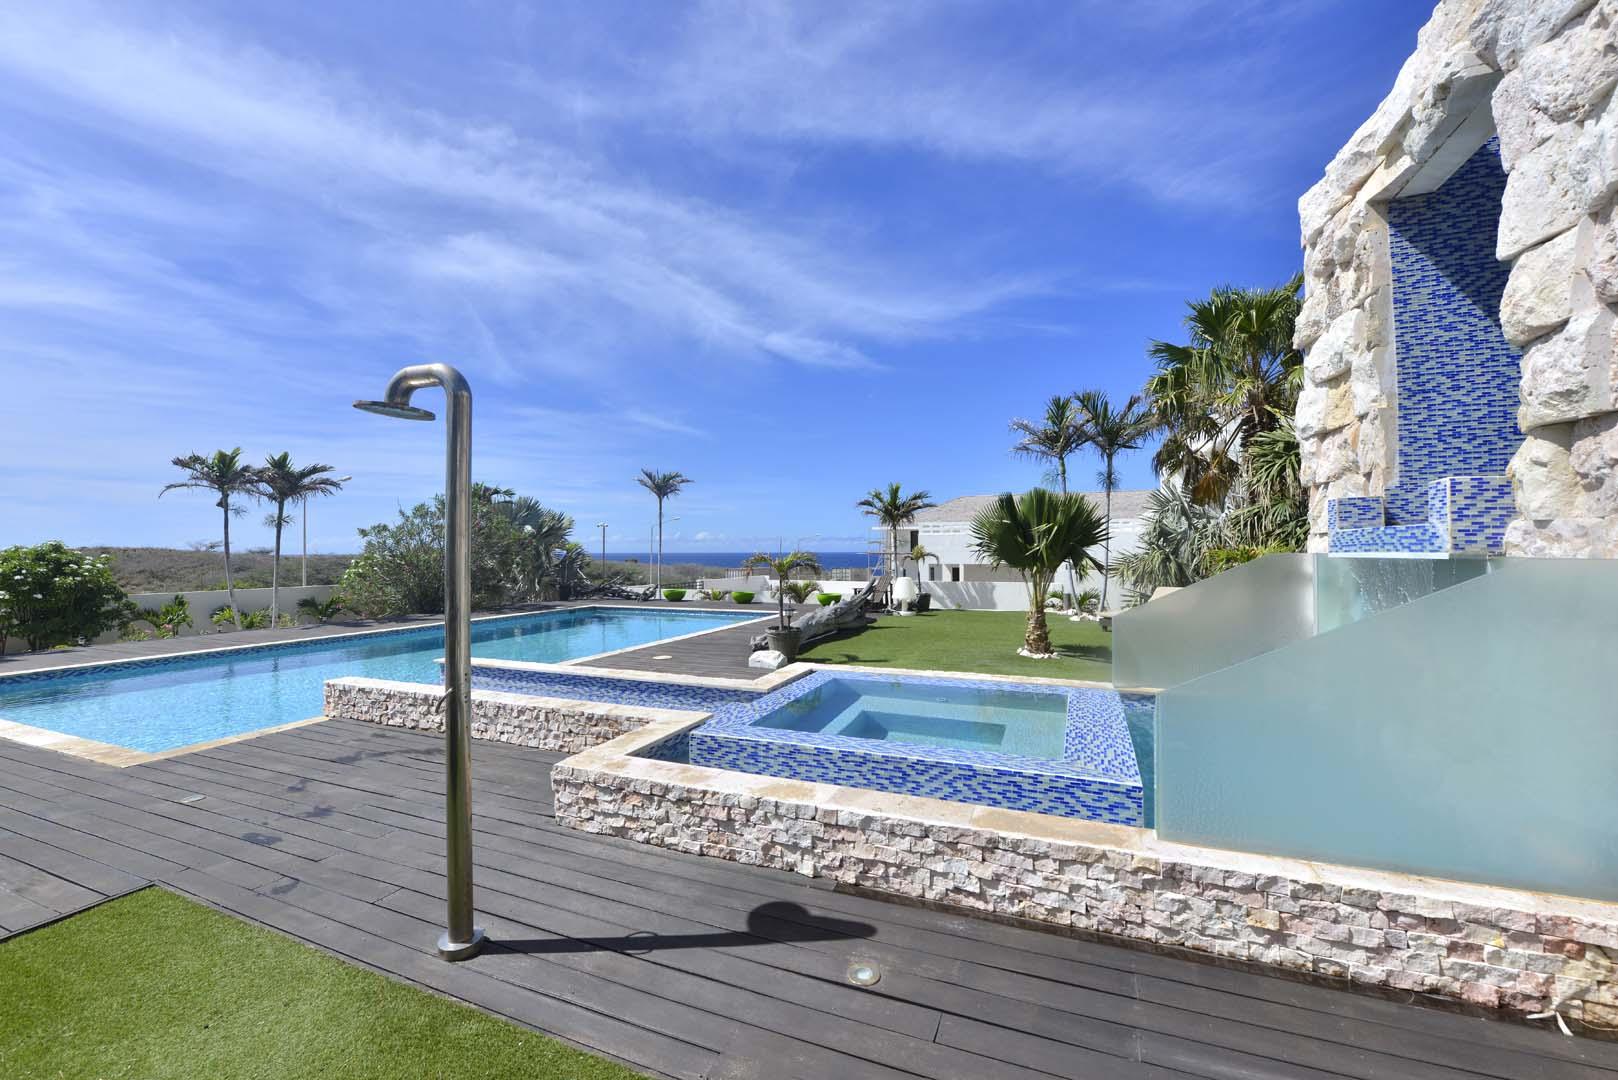 Het zwembad met jacuzzi, buitendouche én er is een extra gastentoilet in de tuin